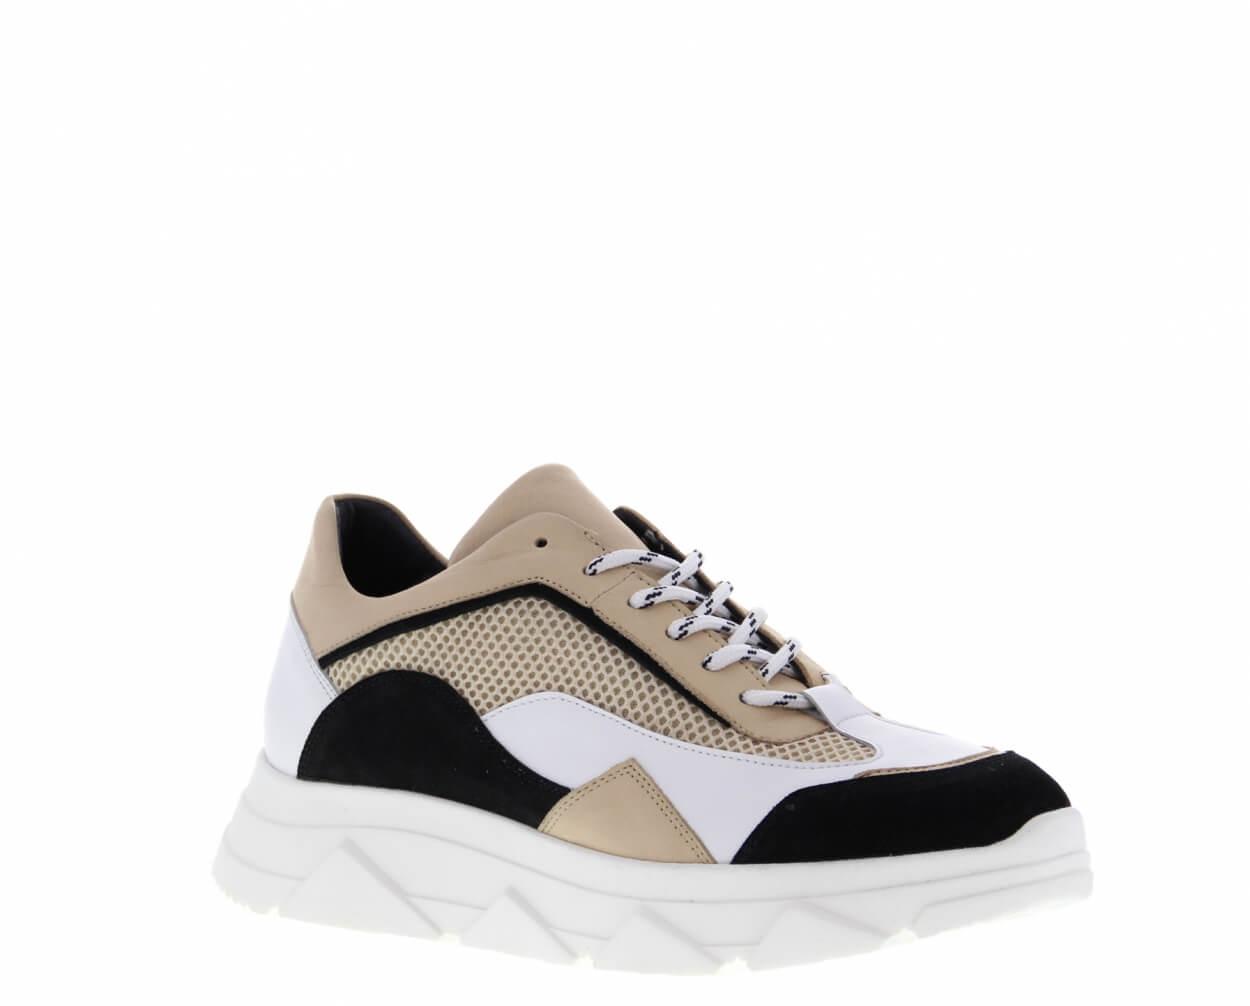 TANGO Sneaker Kady Fat Black/White/Beige | Artikelnummer:kadyfat.22b 102